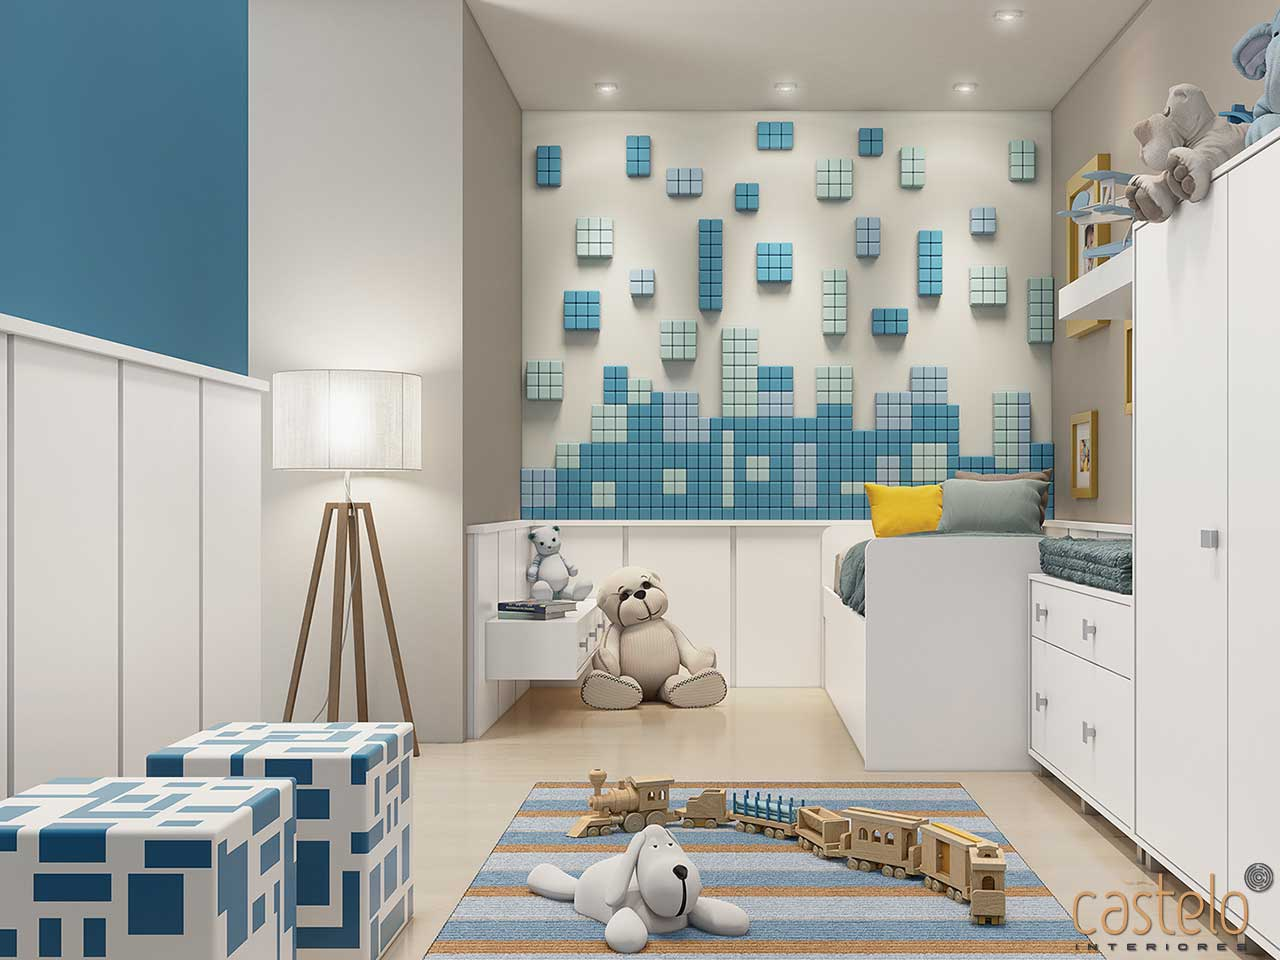 castelo-interiores-dormitorio1